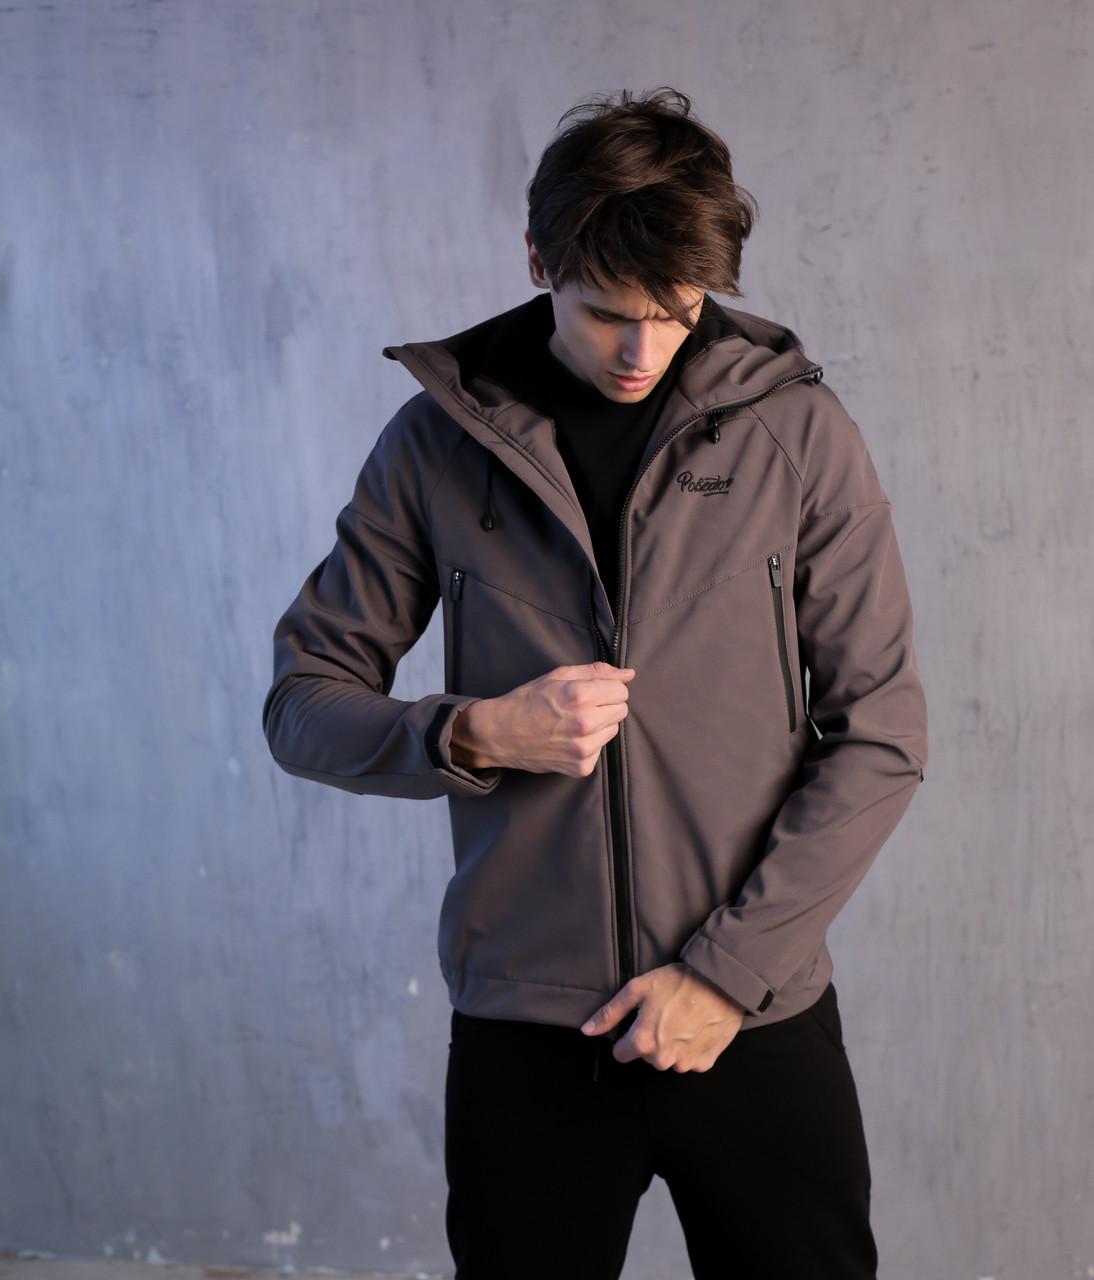 Осенне-весенняя мужская не промокаемая куртка Soft Shell (Победов Софт Шел) серого цвета